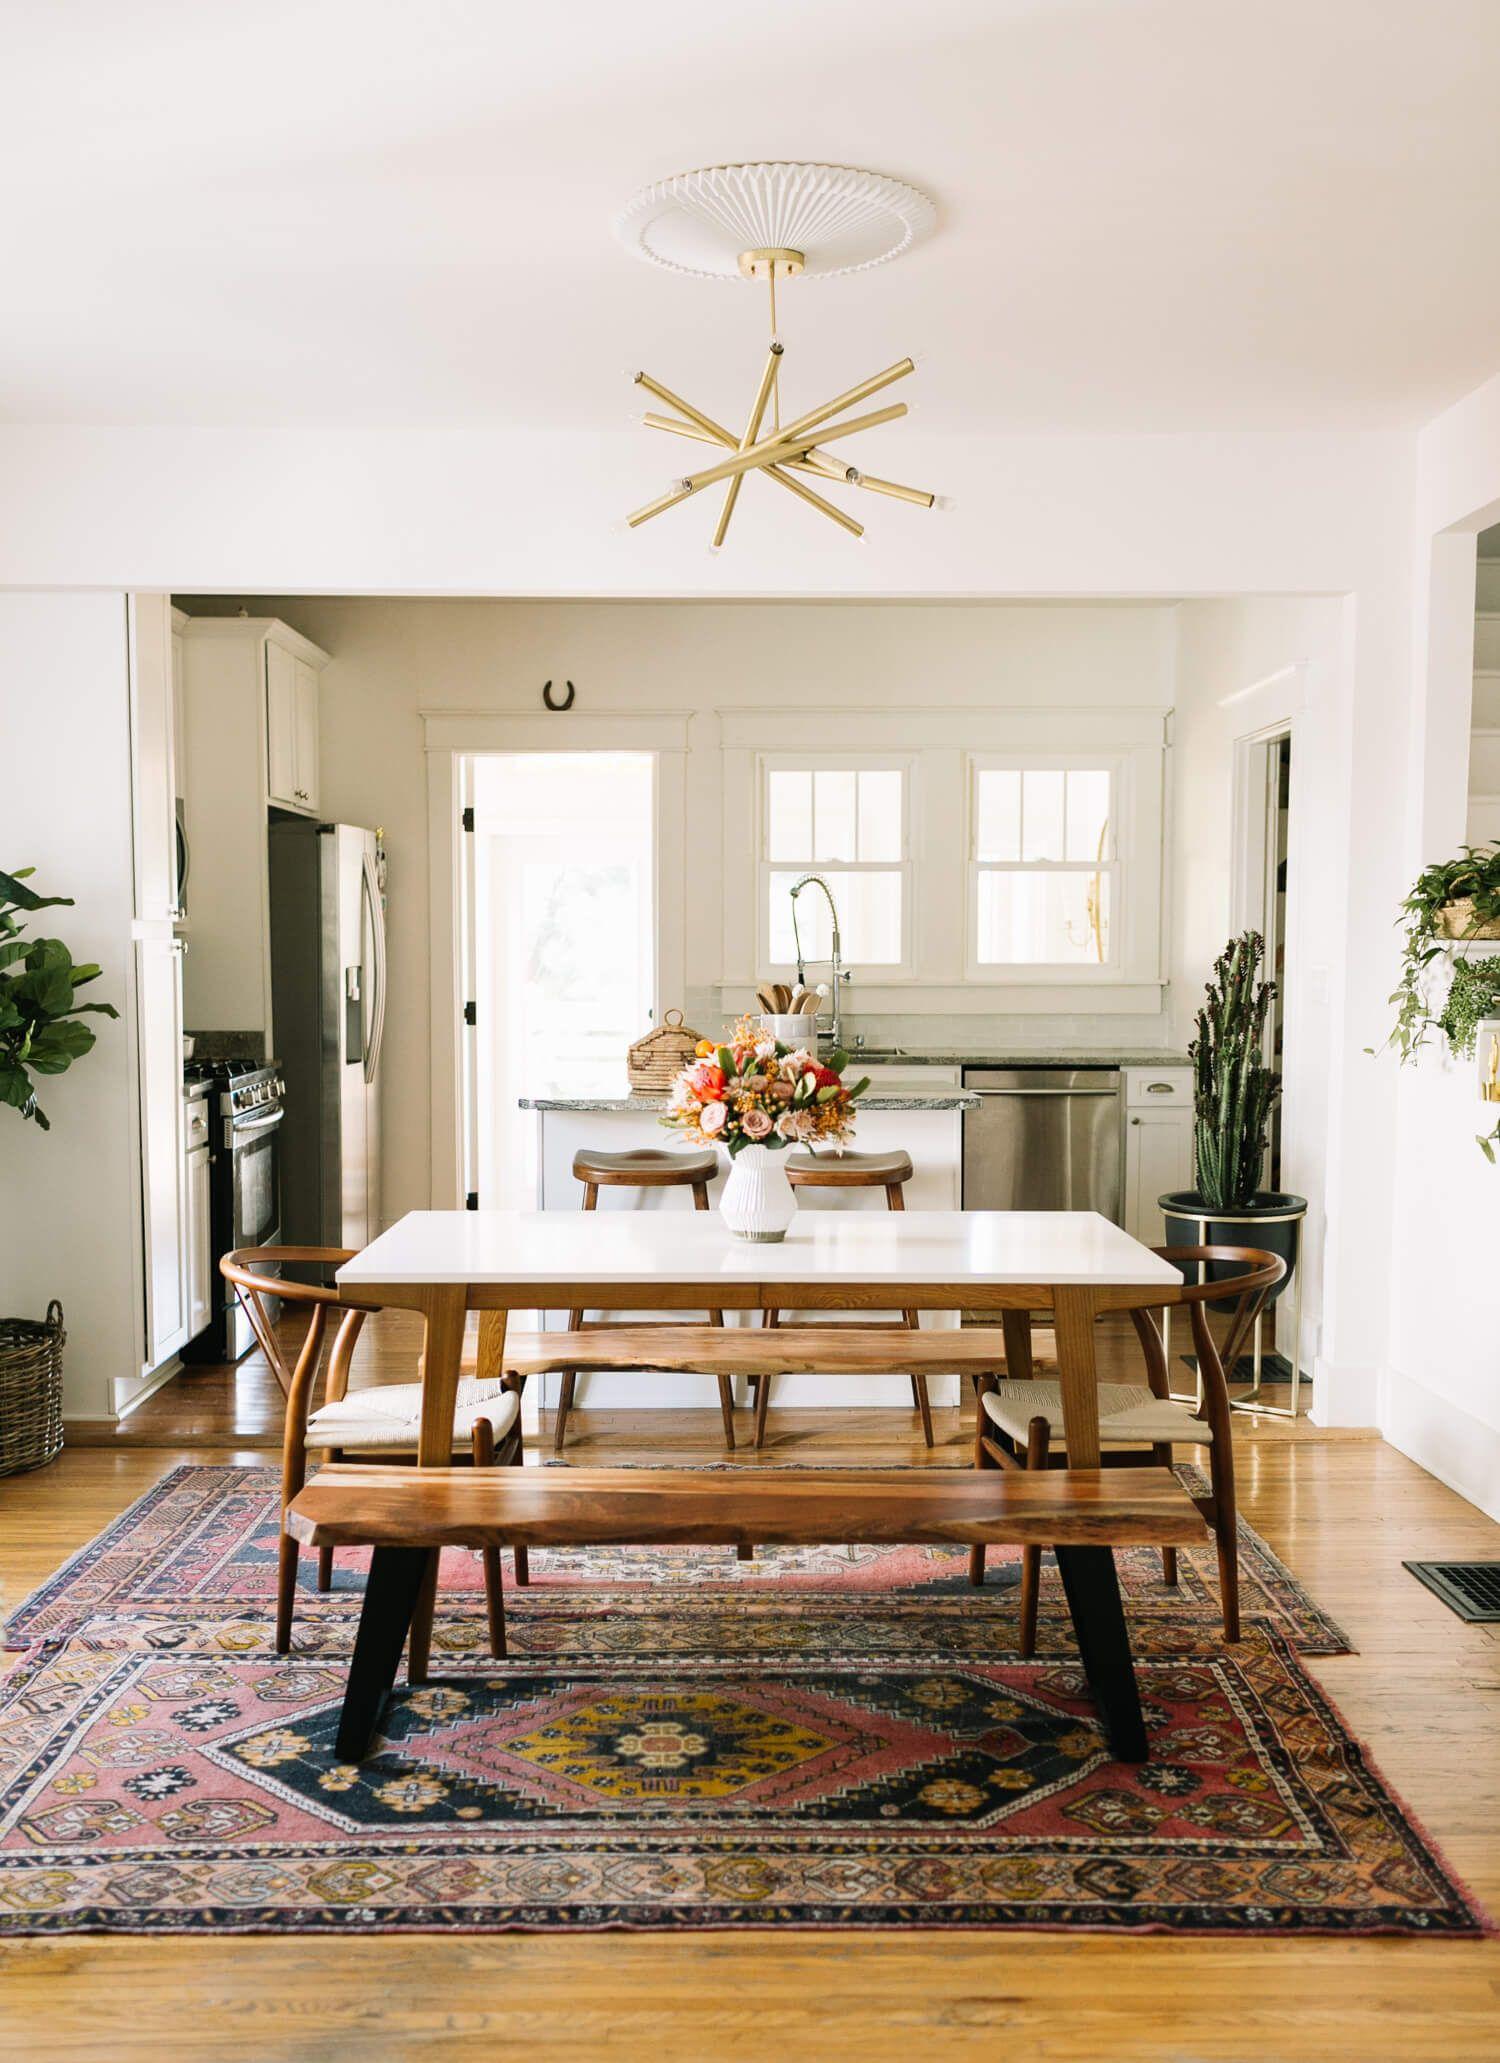 kacey musgraves dining room tour forever 21 home pinterest rh pinterest com